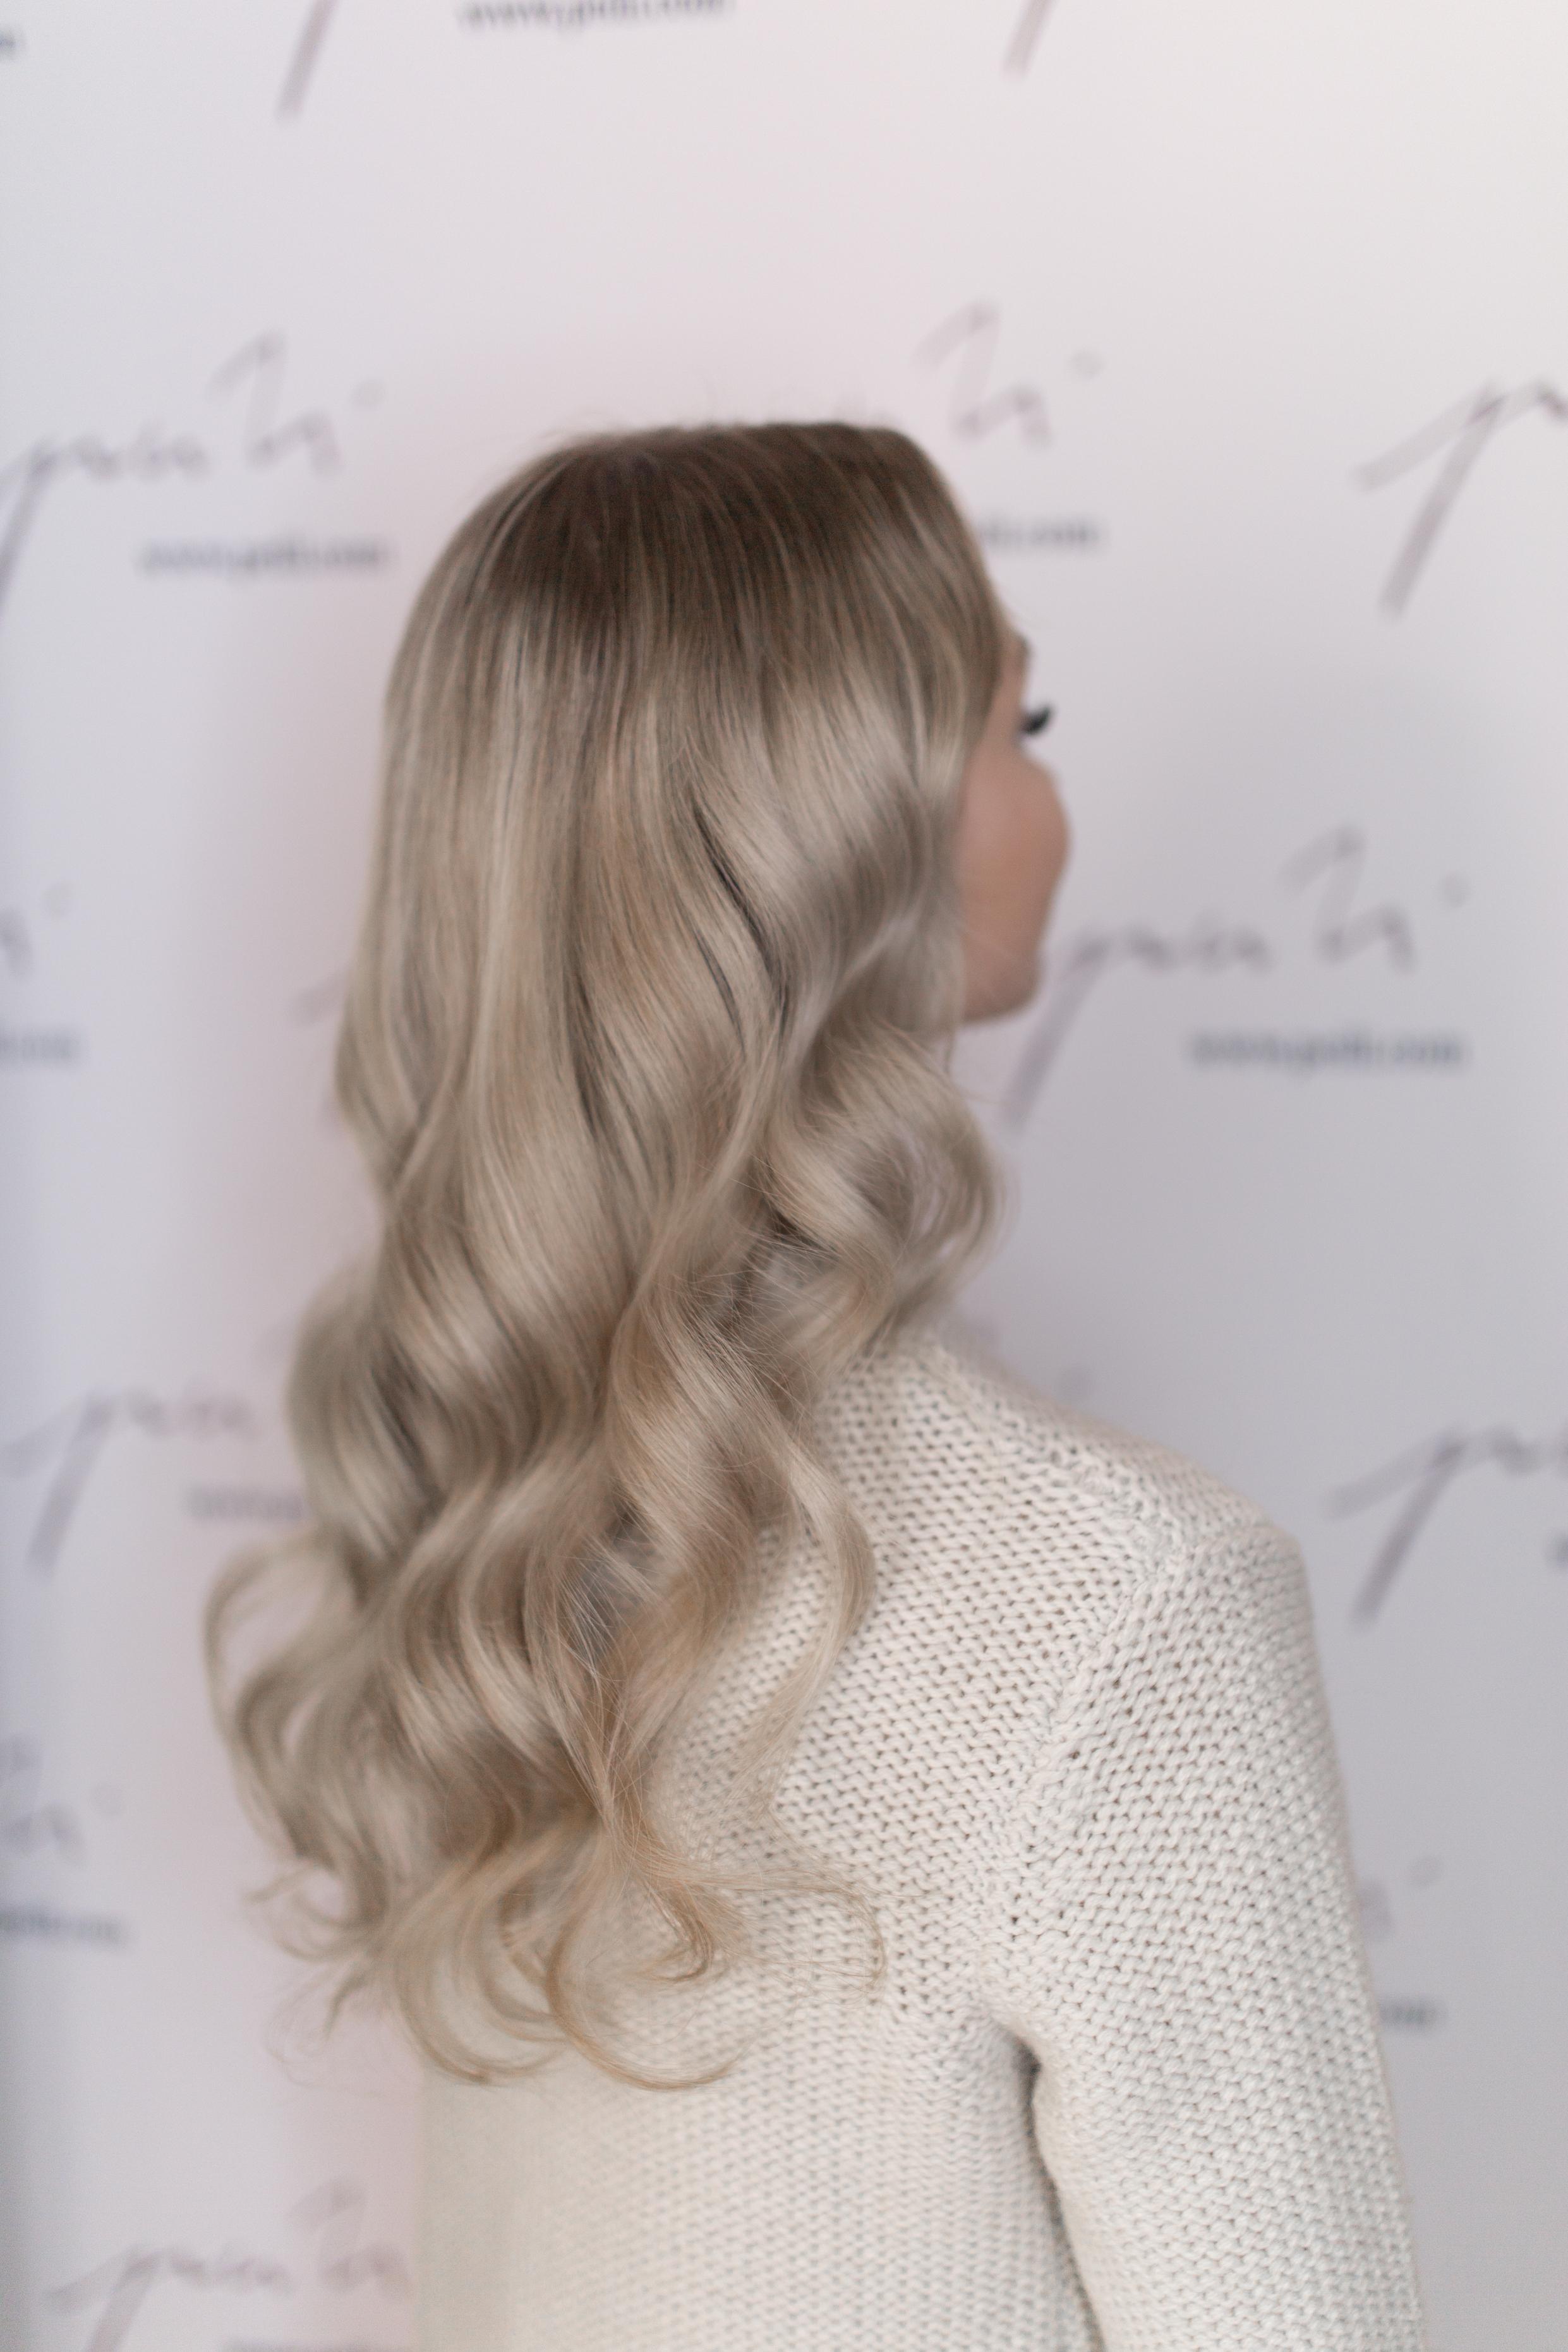 FINALLY BLONDE - HAIR BY ESSI FINSTRÖM